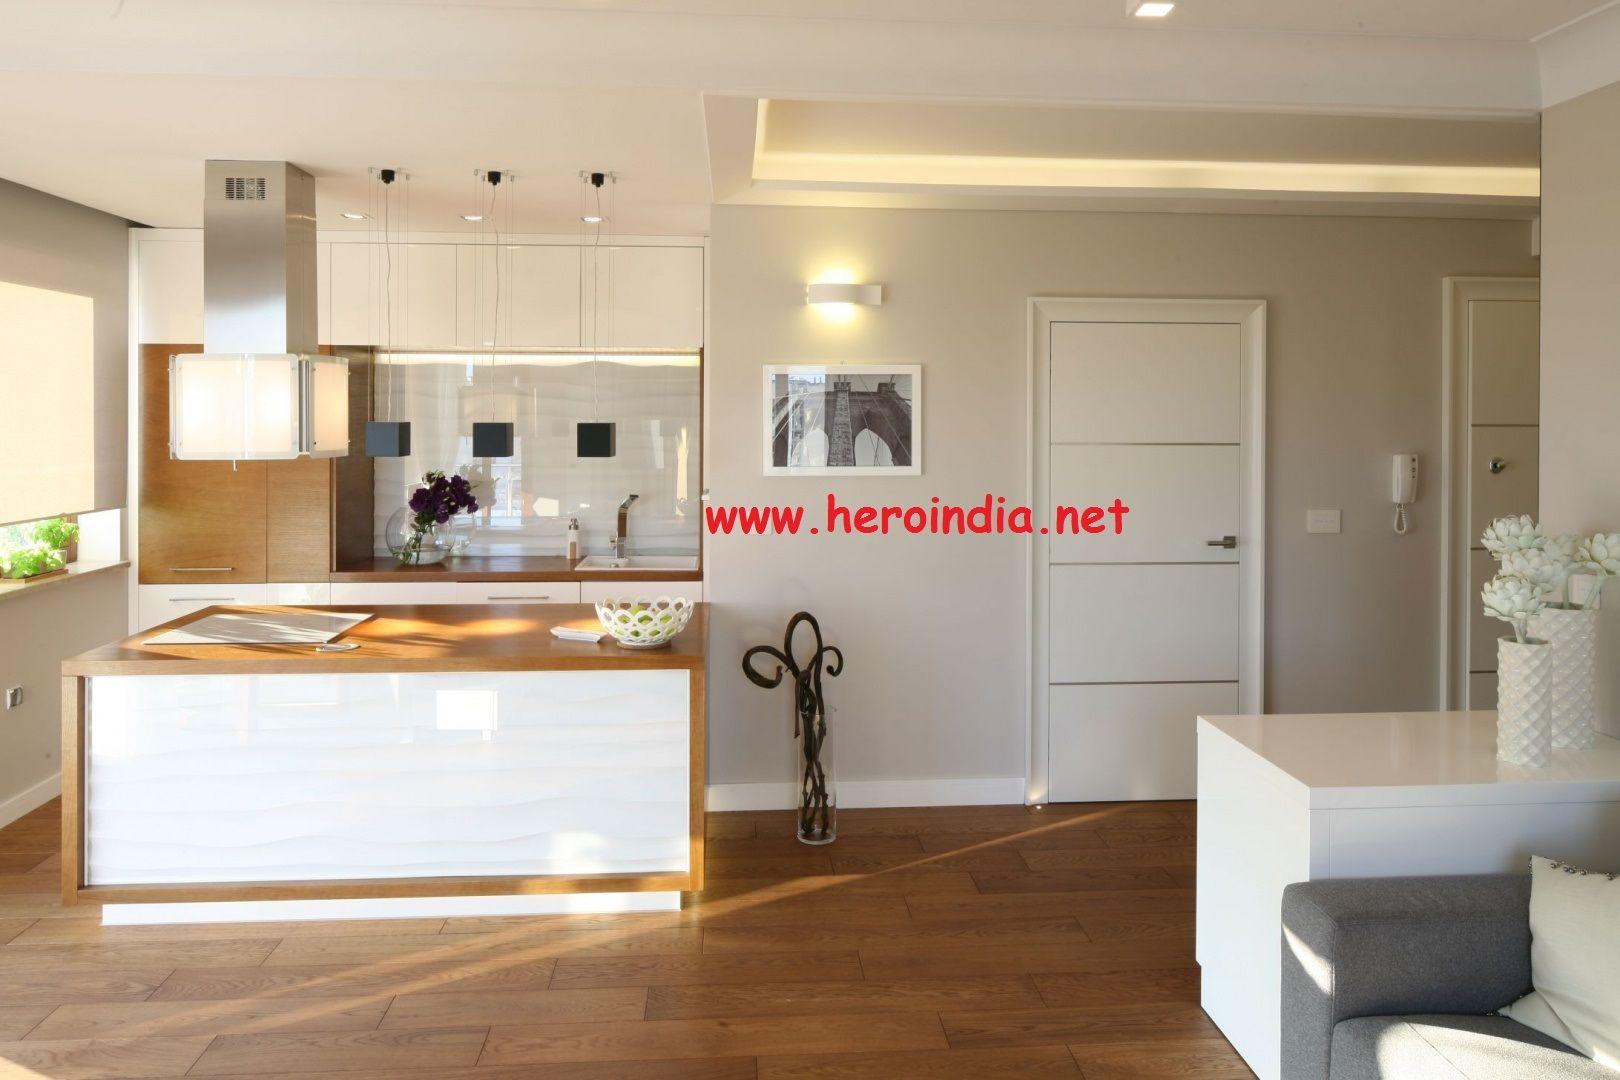 Otwarta kuchnia w bieli hola design homesquare - 15 Pomyslow Na Salon Z Aneksem 5 Jpg 940 626 Mieszkanie Pinterest